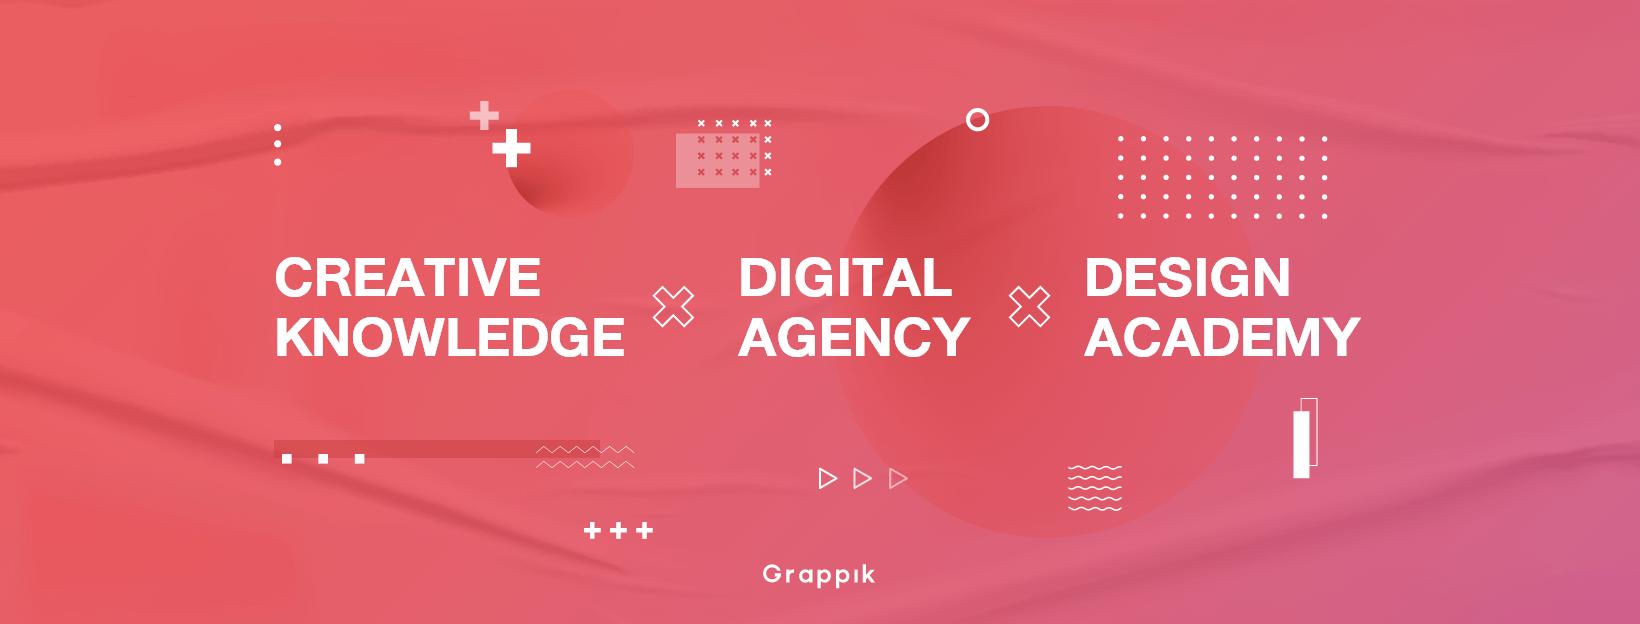 Grappik ออกแบบเว็บไซต์ ระบบที่ดีที่สุด